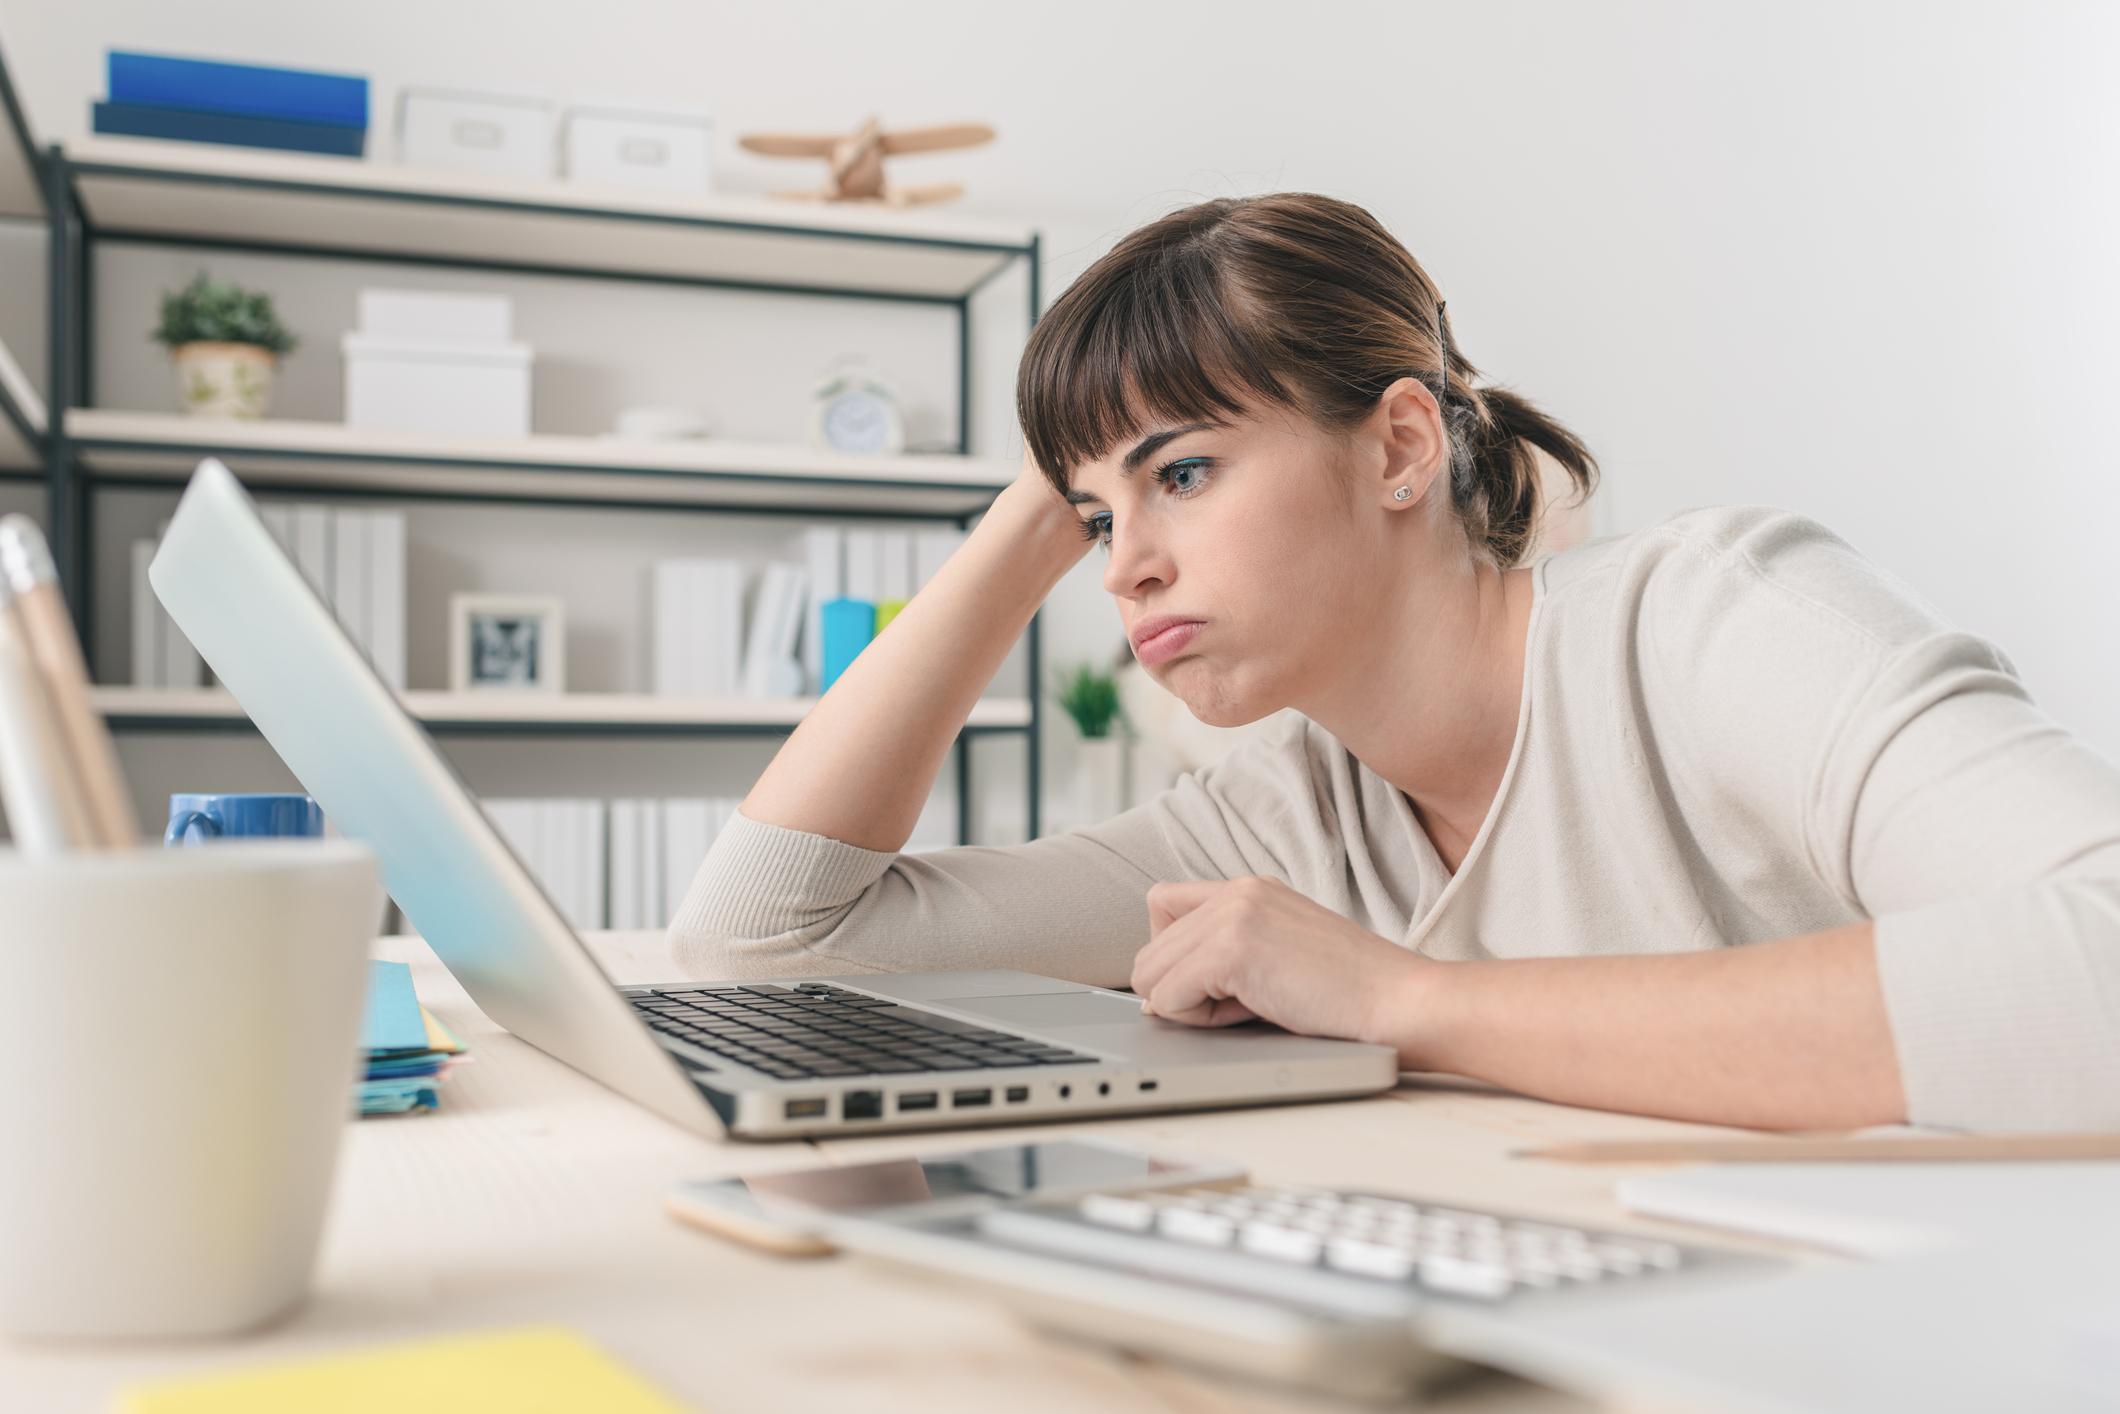 Корисні поради по усуненню повільного інтернет-підключення будинку